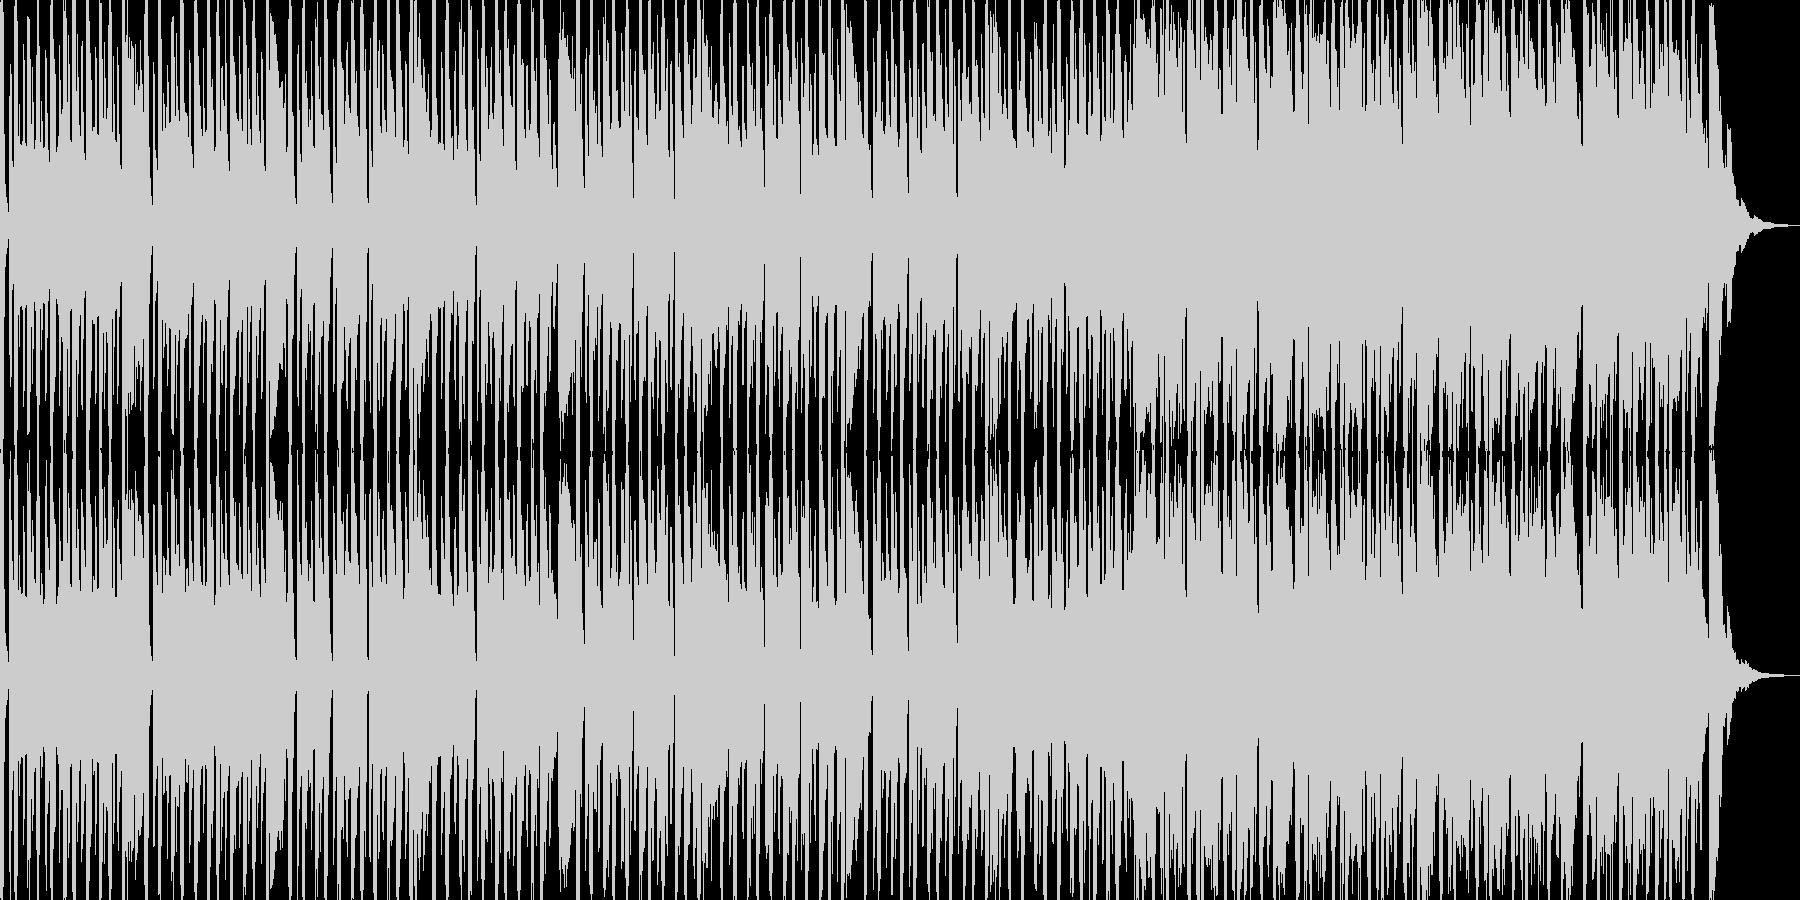 明るめのレゲエ調の曲です。よろしくお願…の未再生の波形